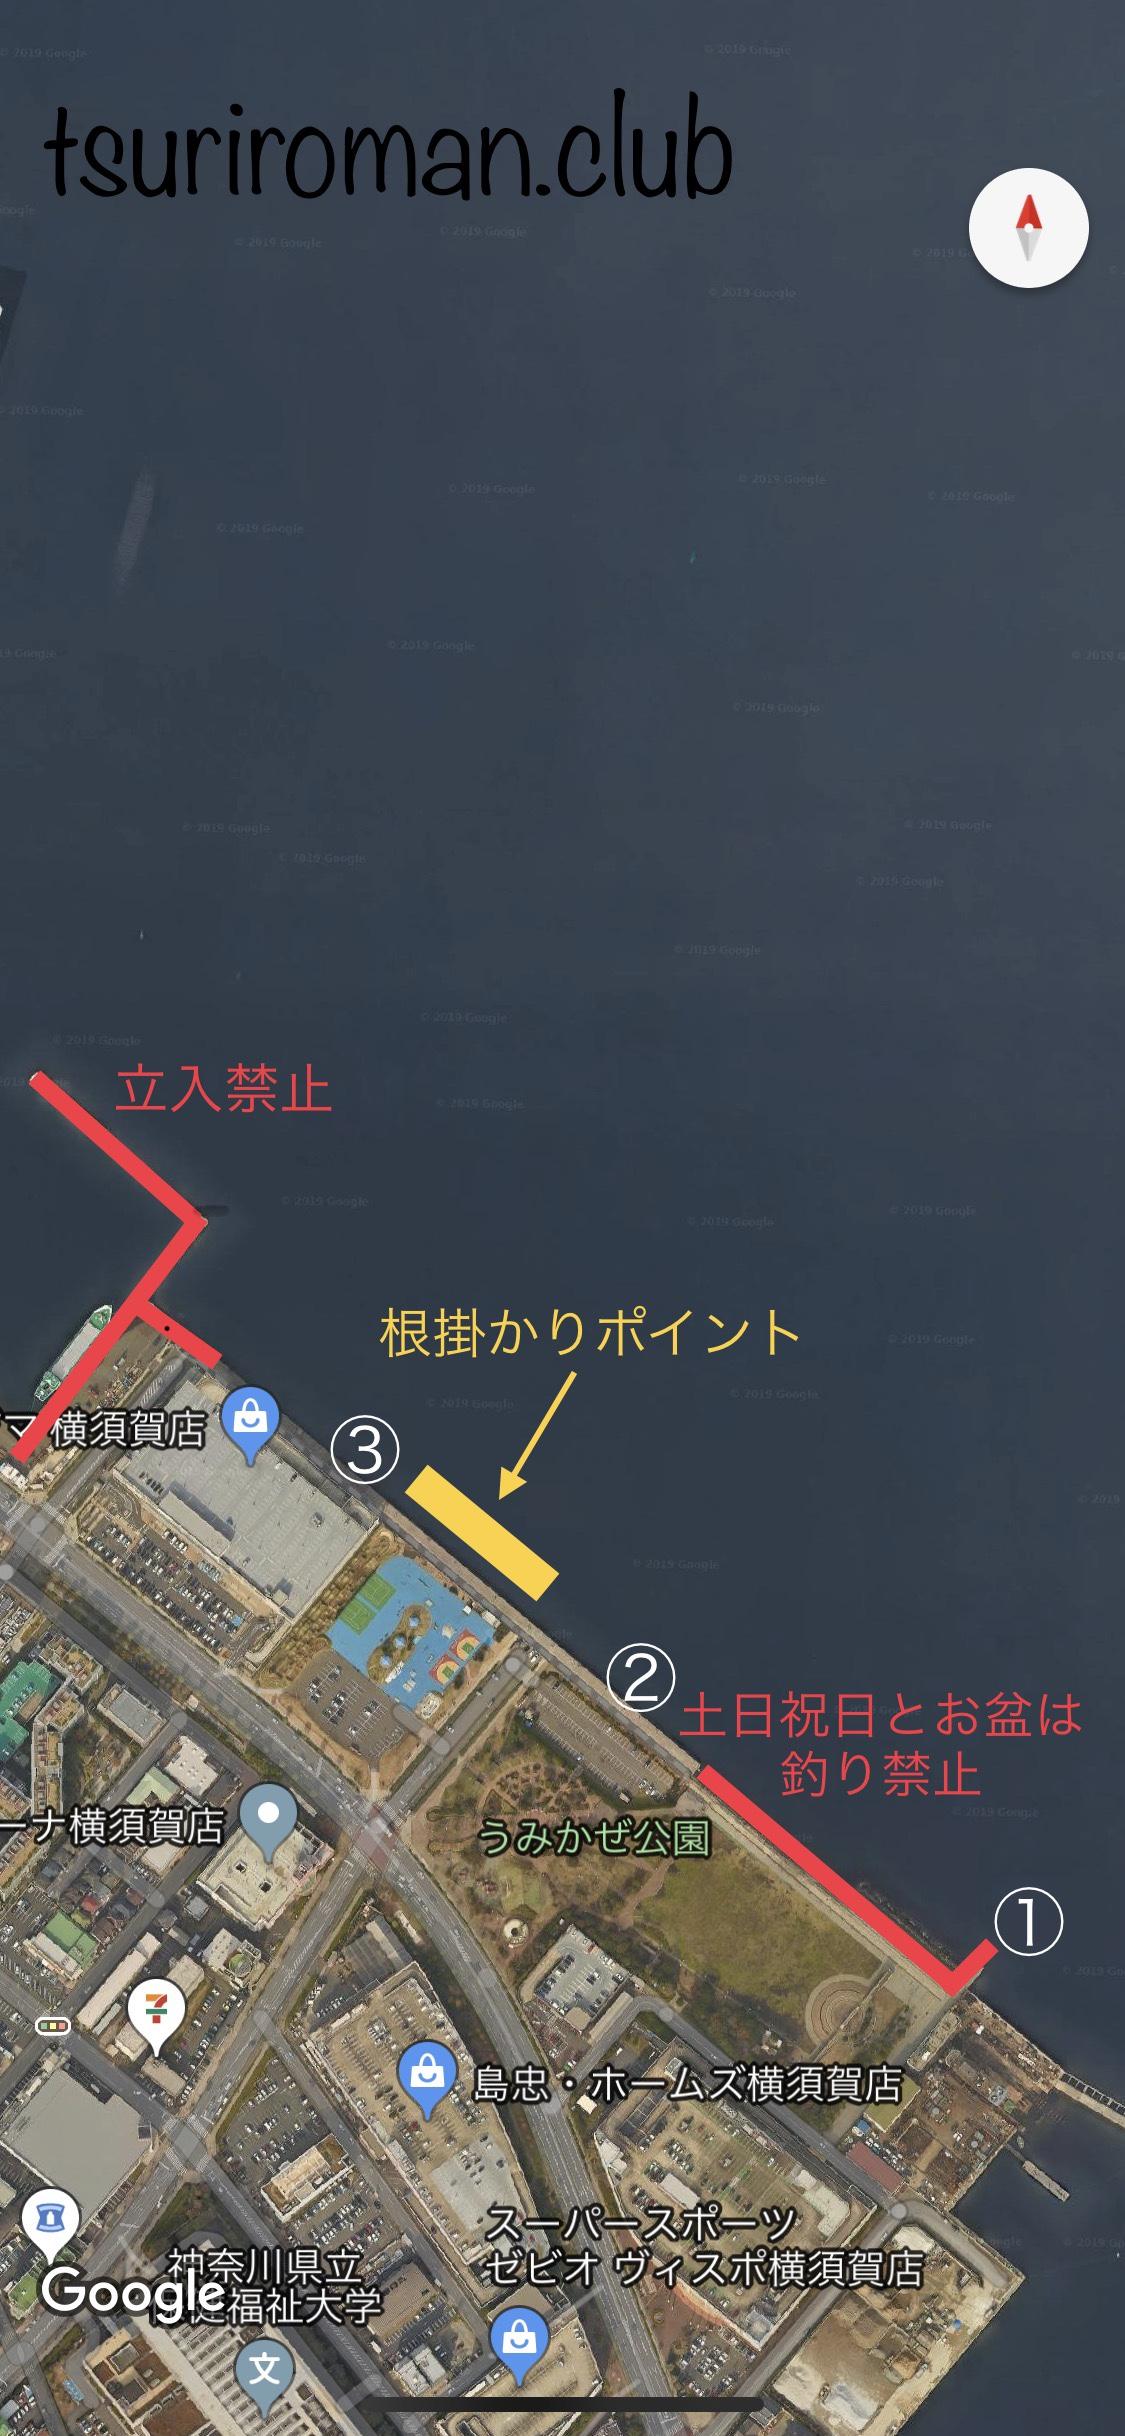 タチウオ 横須賀 下浦沖でもテンヤタチウオ